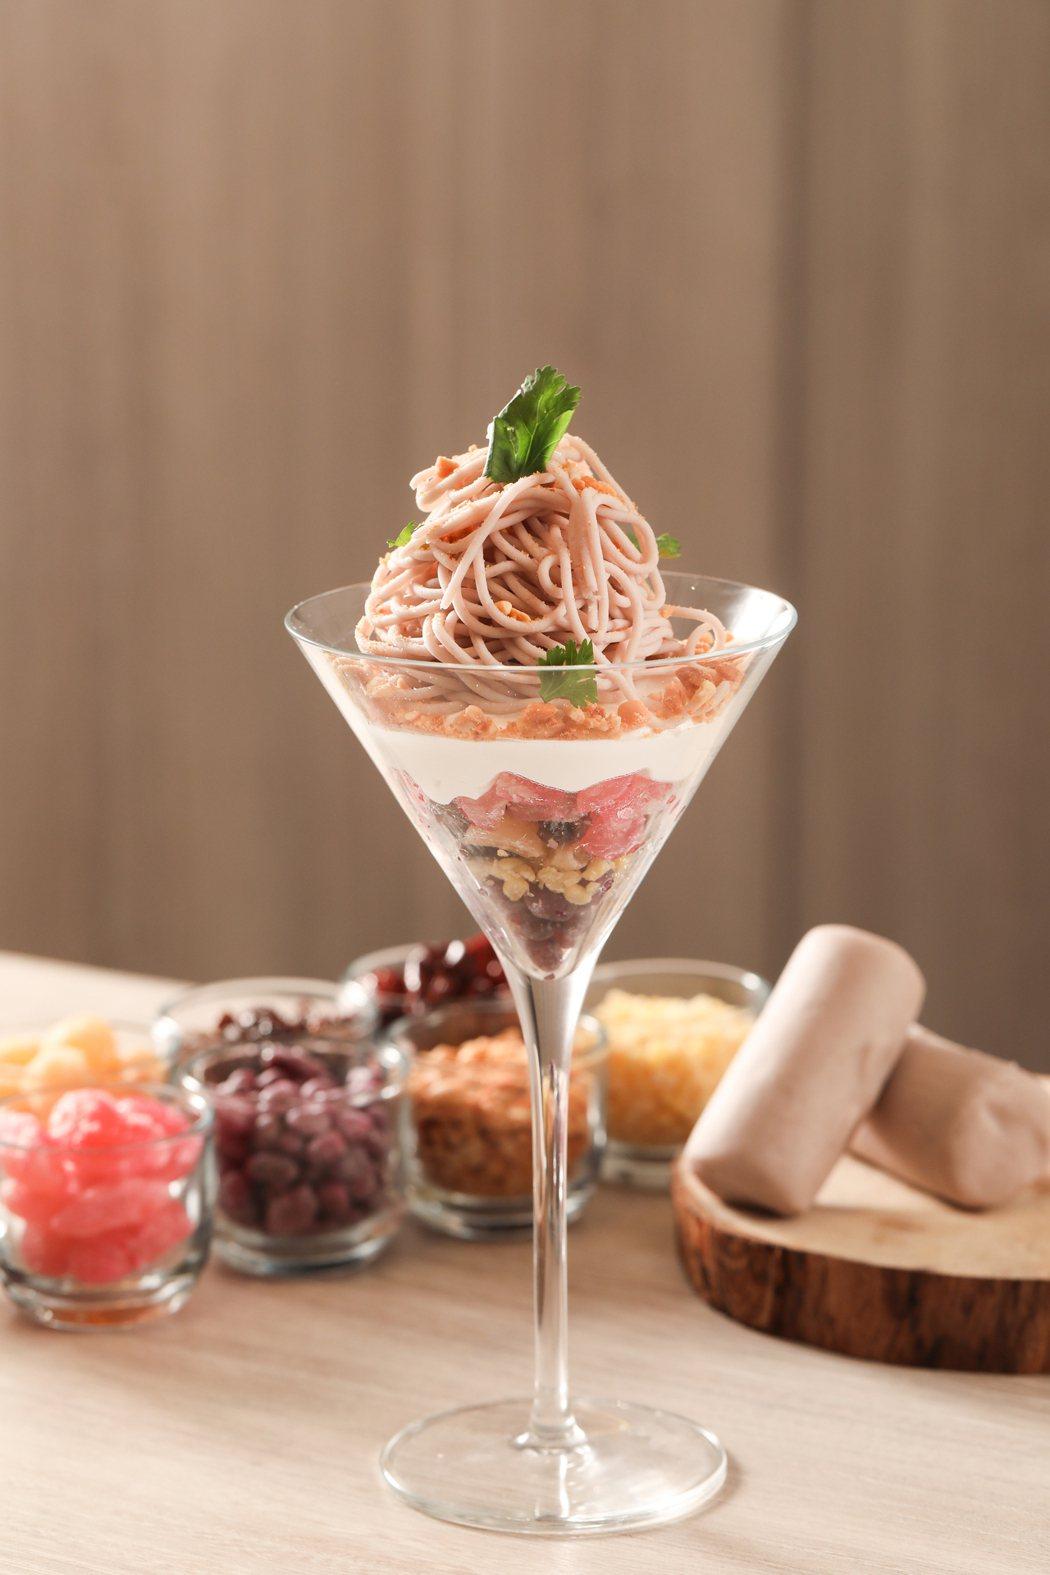 台北晶華酒店推出500趴限定「拉麵系八寶芋泥」。記者吳致碩/攝影